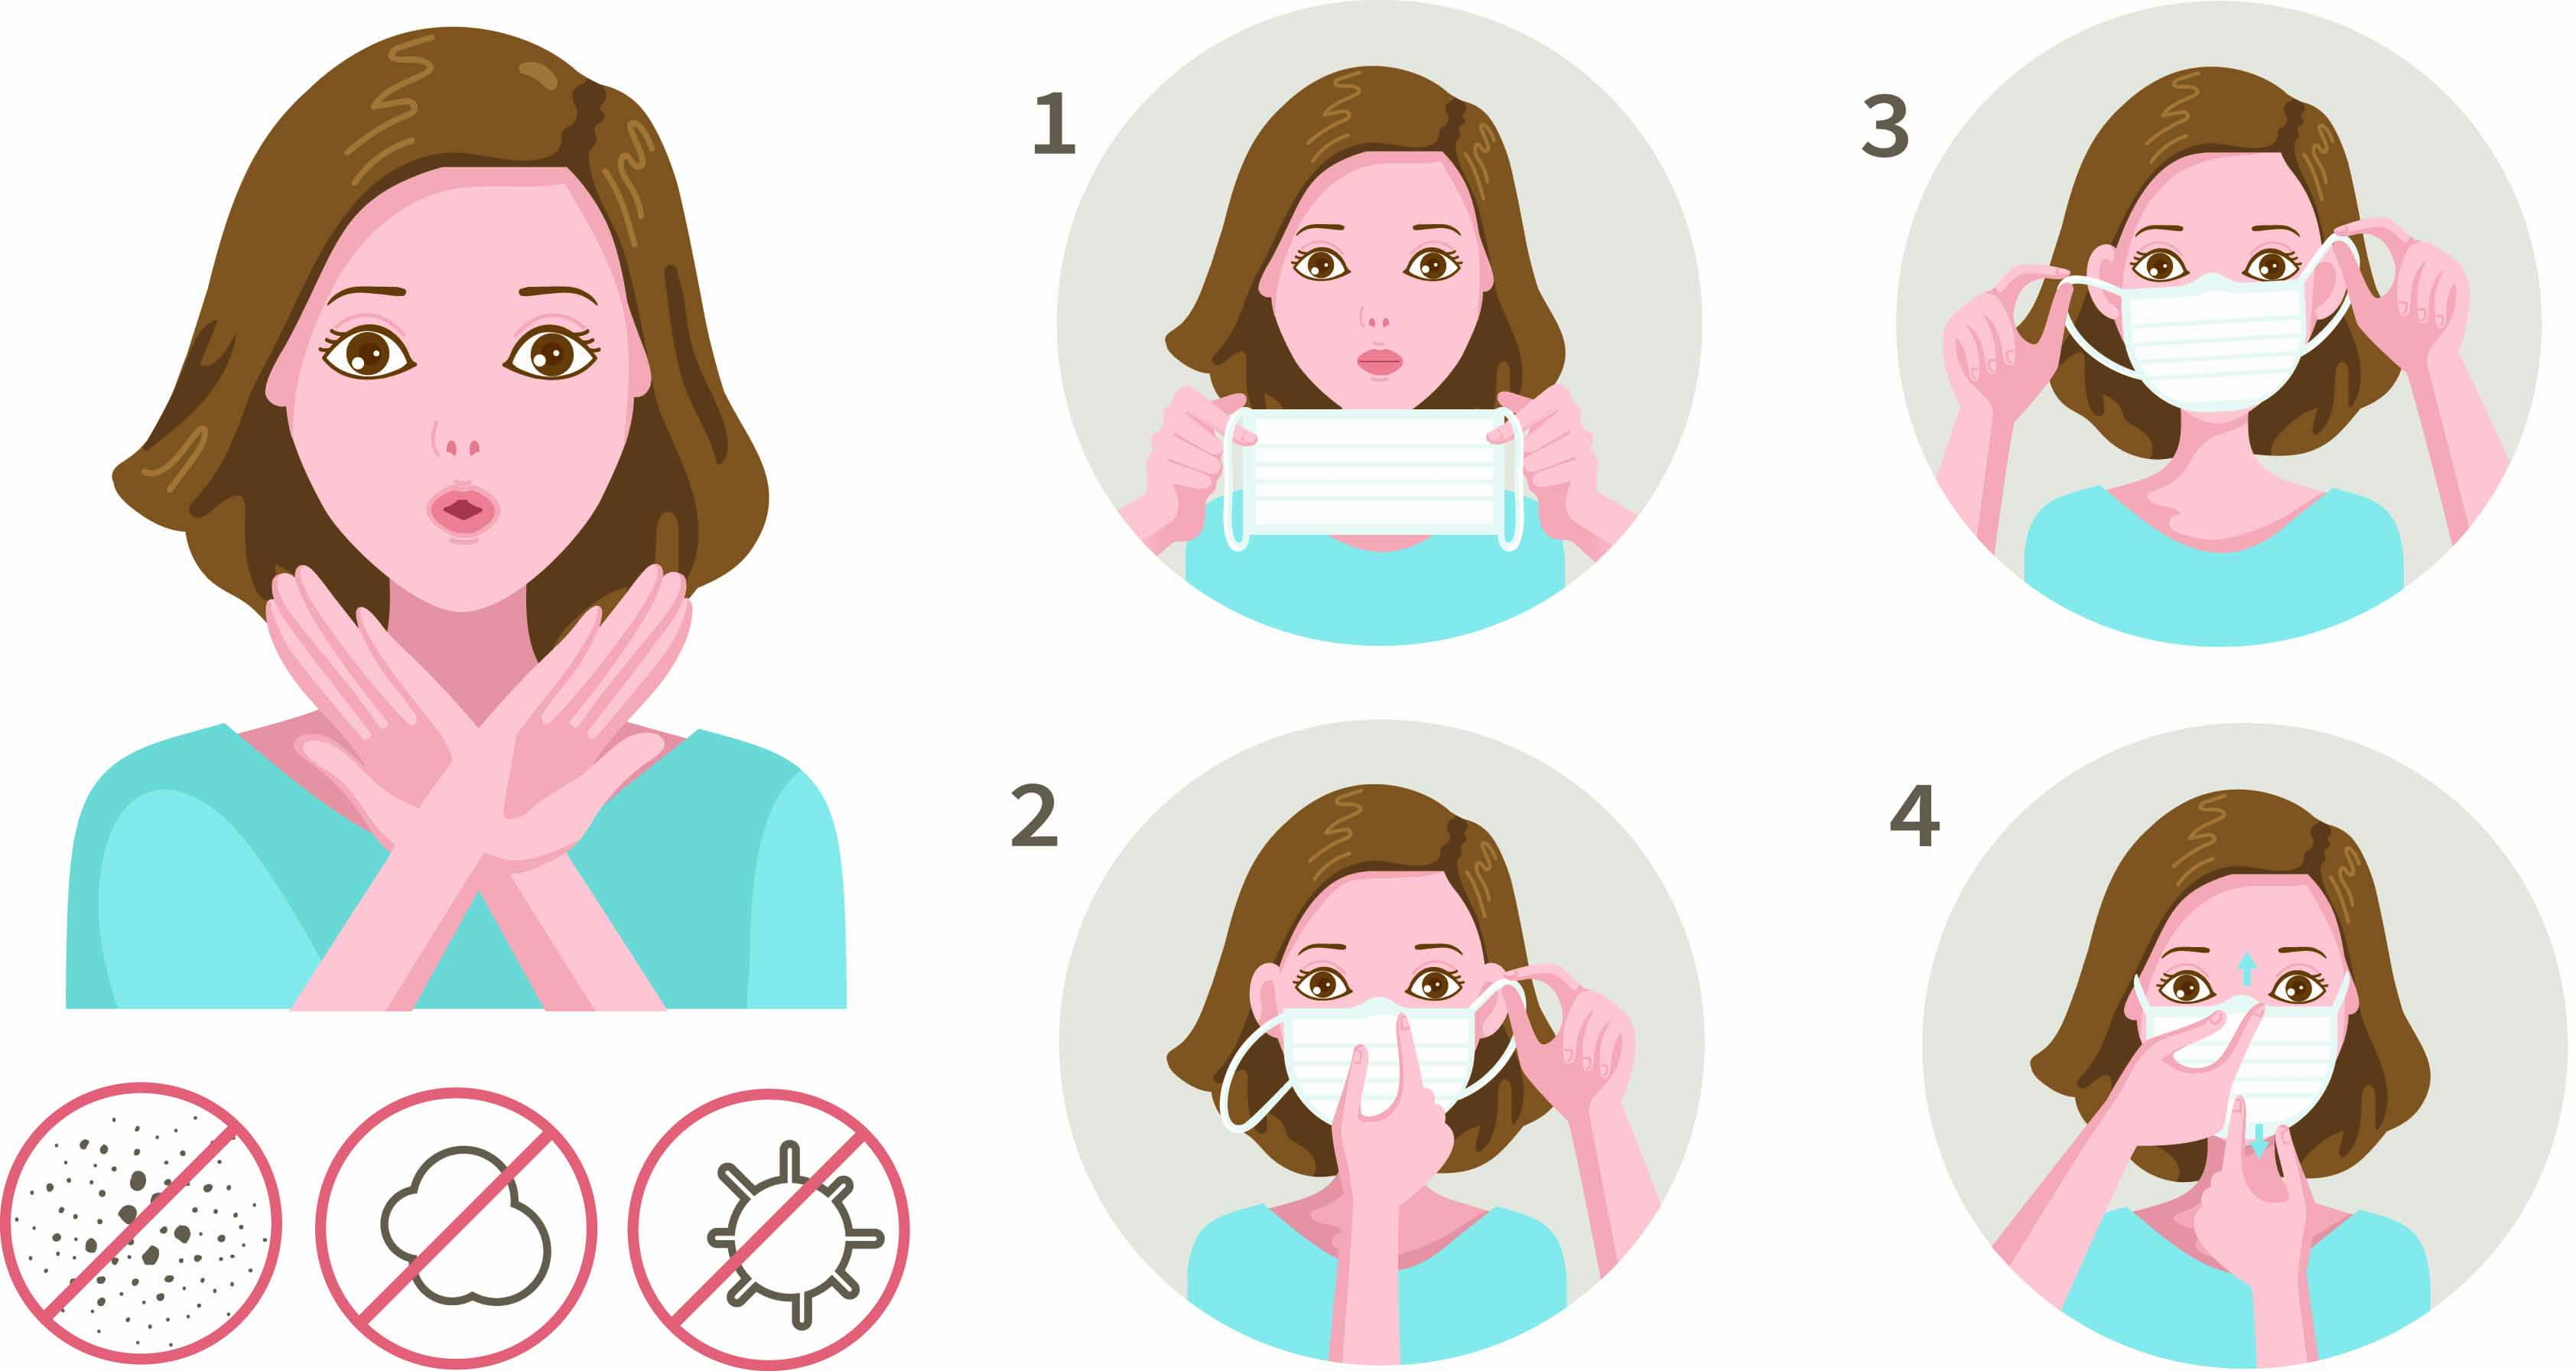 Para la prevención de la enfermedad por coronavirus, es importante saber cómo ponerse correctamente el barbijo